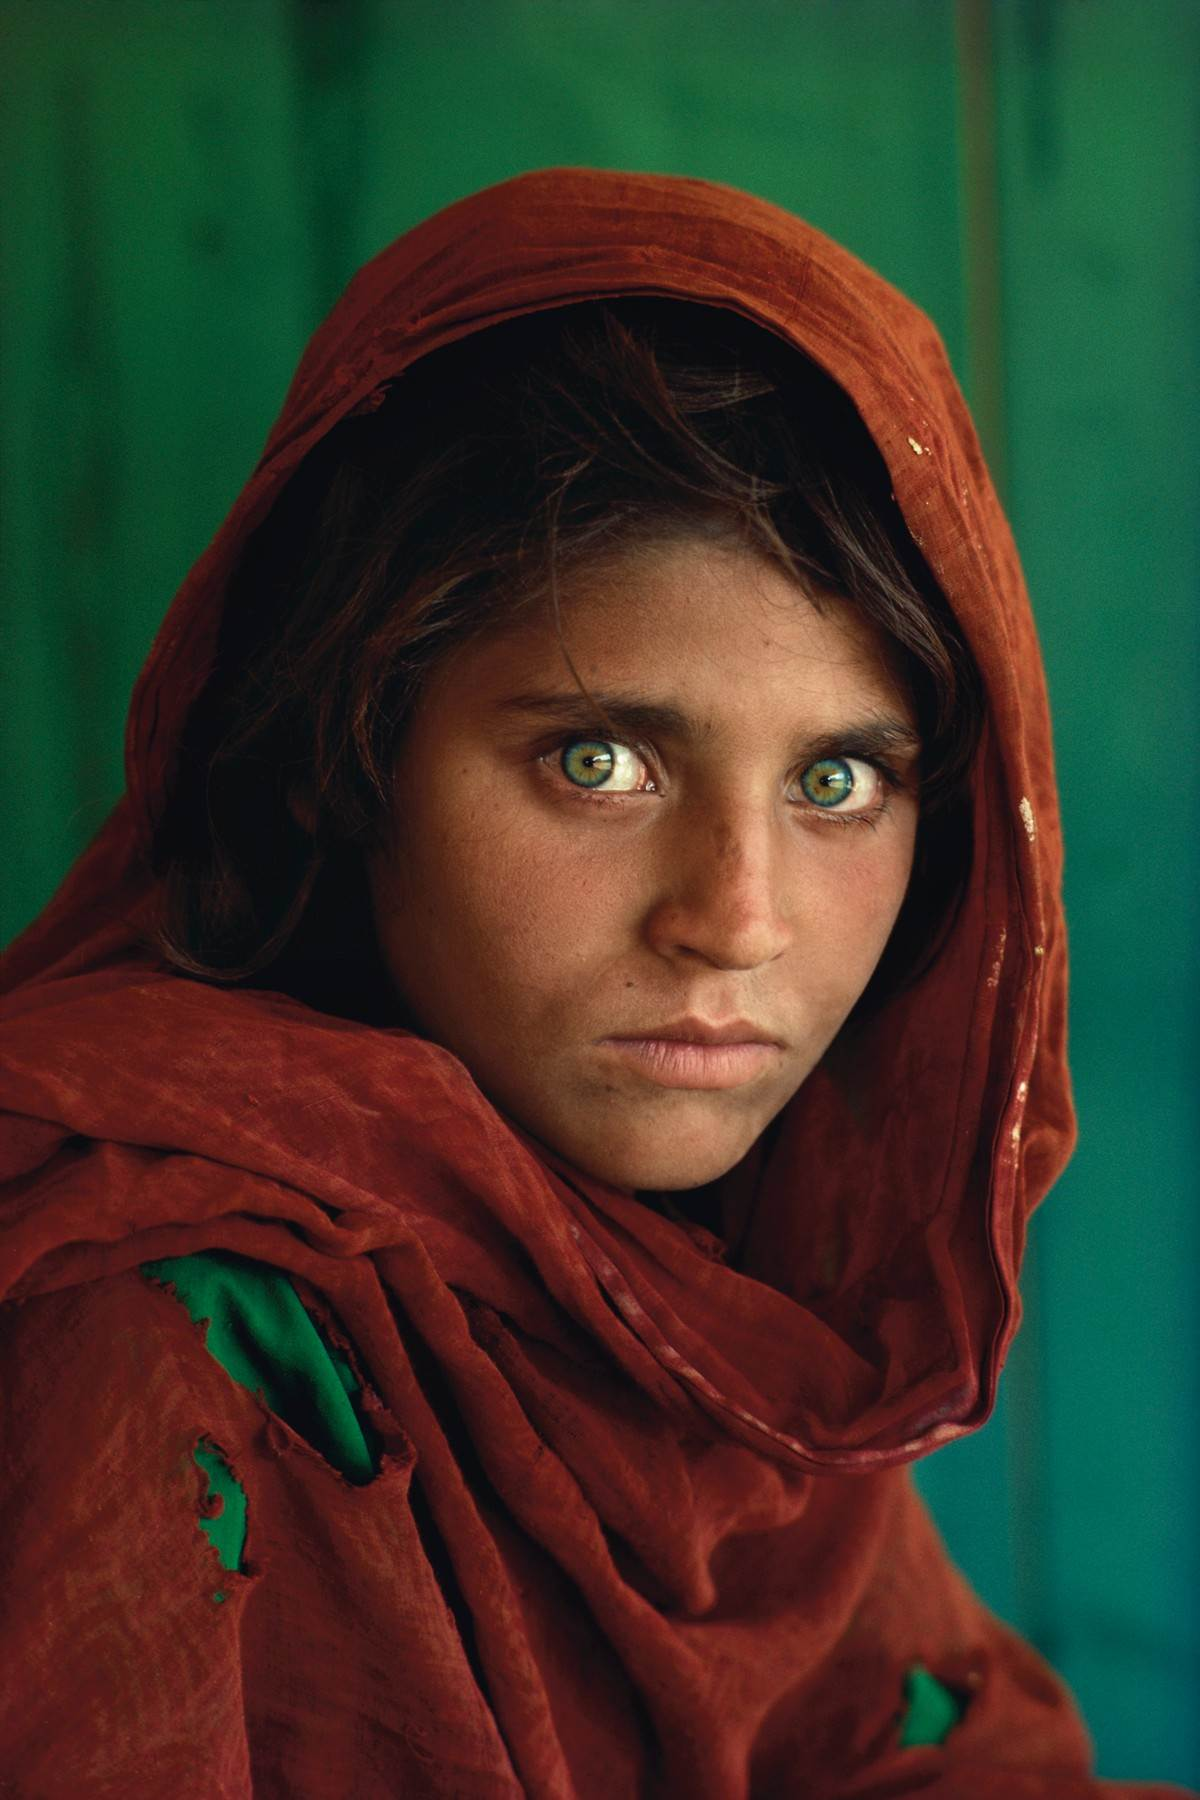 Avganistanska devojčica, Šarbat Gule. Fotografija sa naslovne strane časopisa National Geographic it 1985. godine.